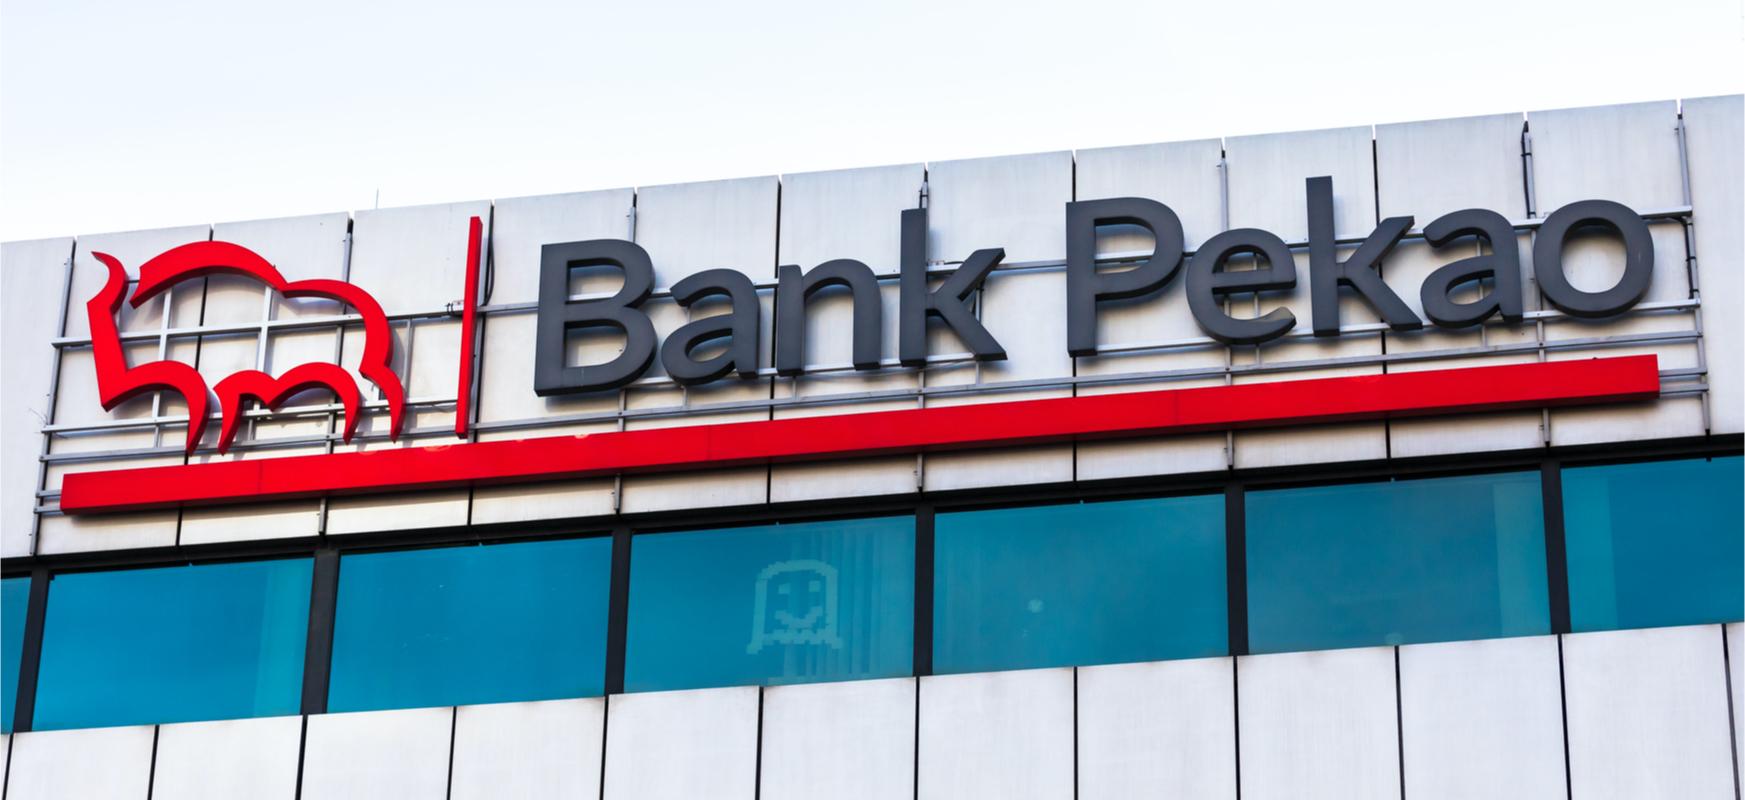 Bank Pekao-n zure identitatea e-ID batekin baieztatuko dugu eta bezero korporatiboek dokumentuak sinatuko dituzte berarekin